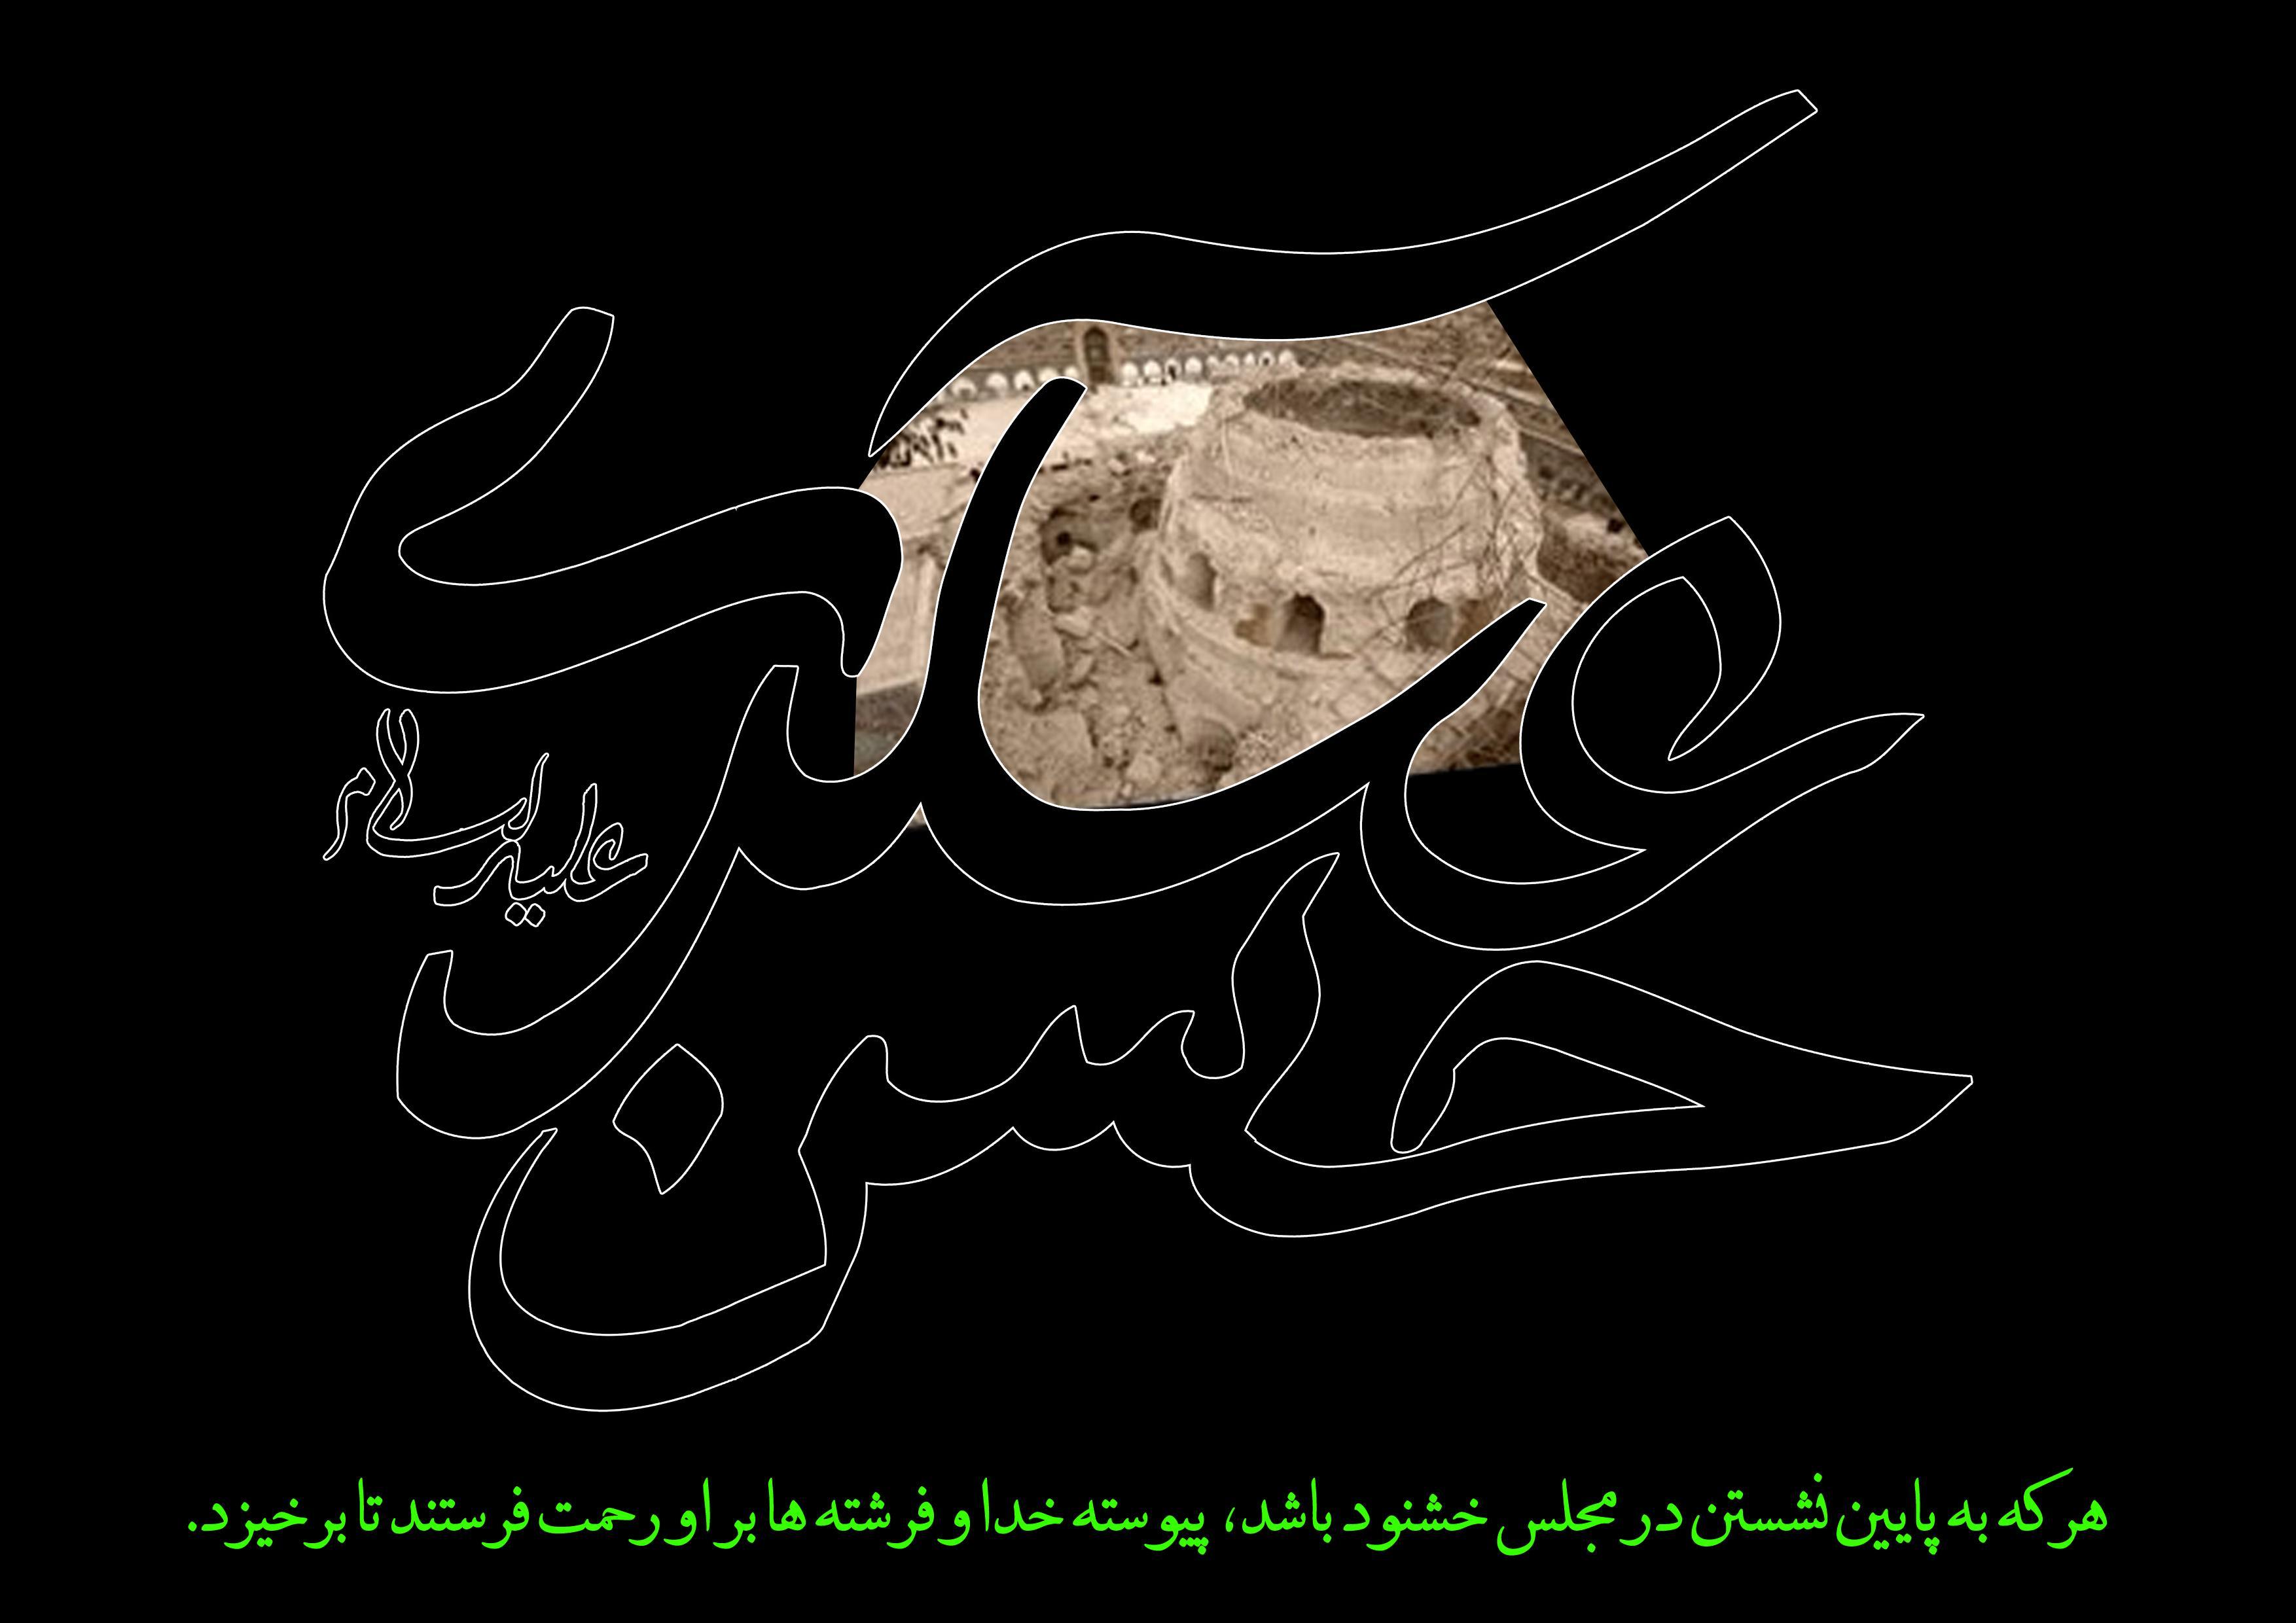 عکس پرروفایل شهادت امام حسن عسکری